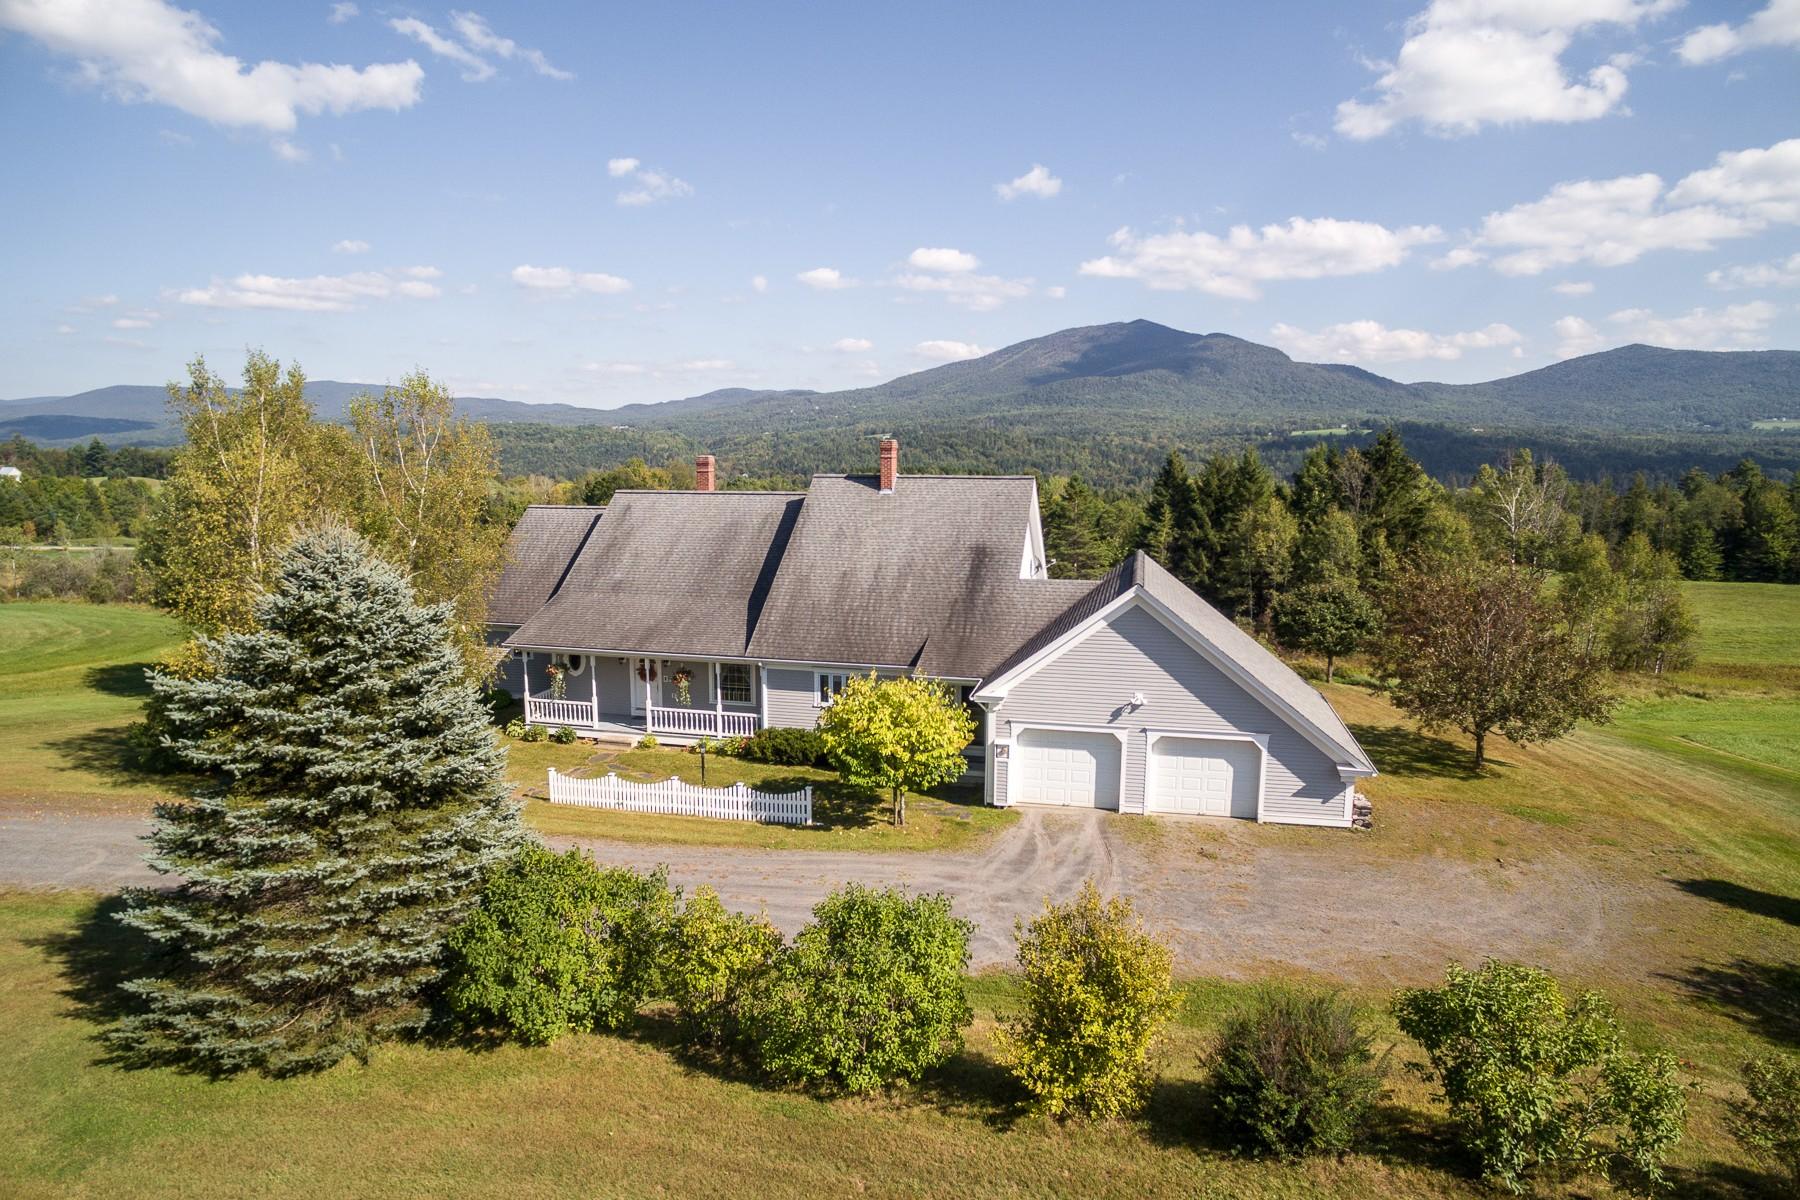 Villa per Vendita alle ore 3298 Darling Hill Rd, Burke Burke, Vermont, 05832 Stati Uniti